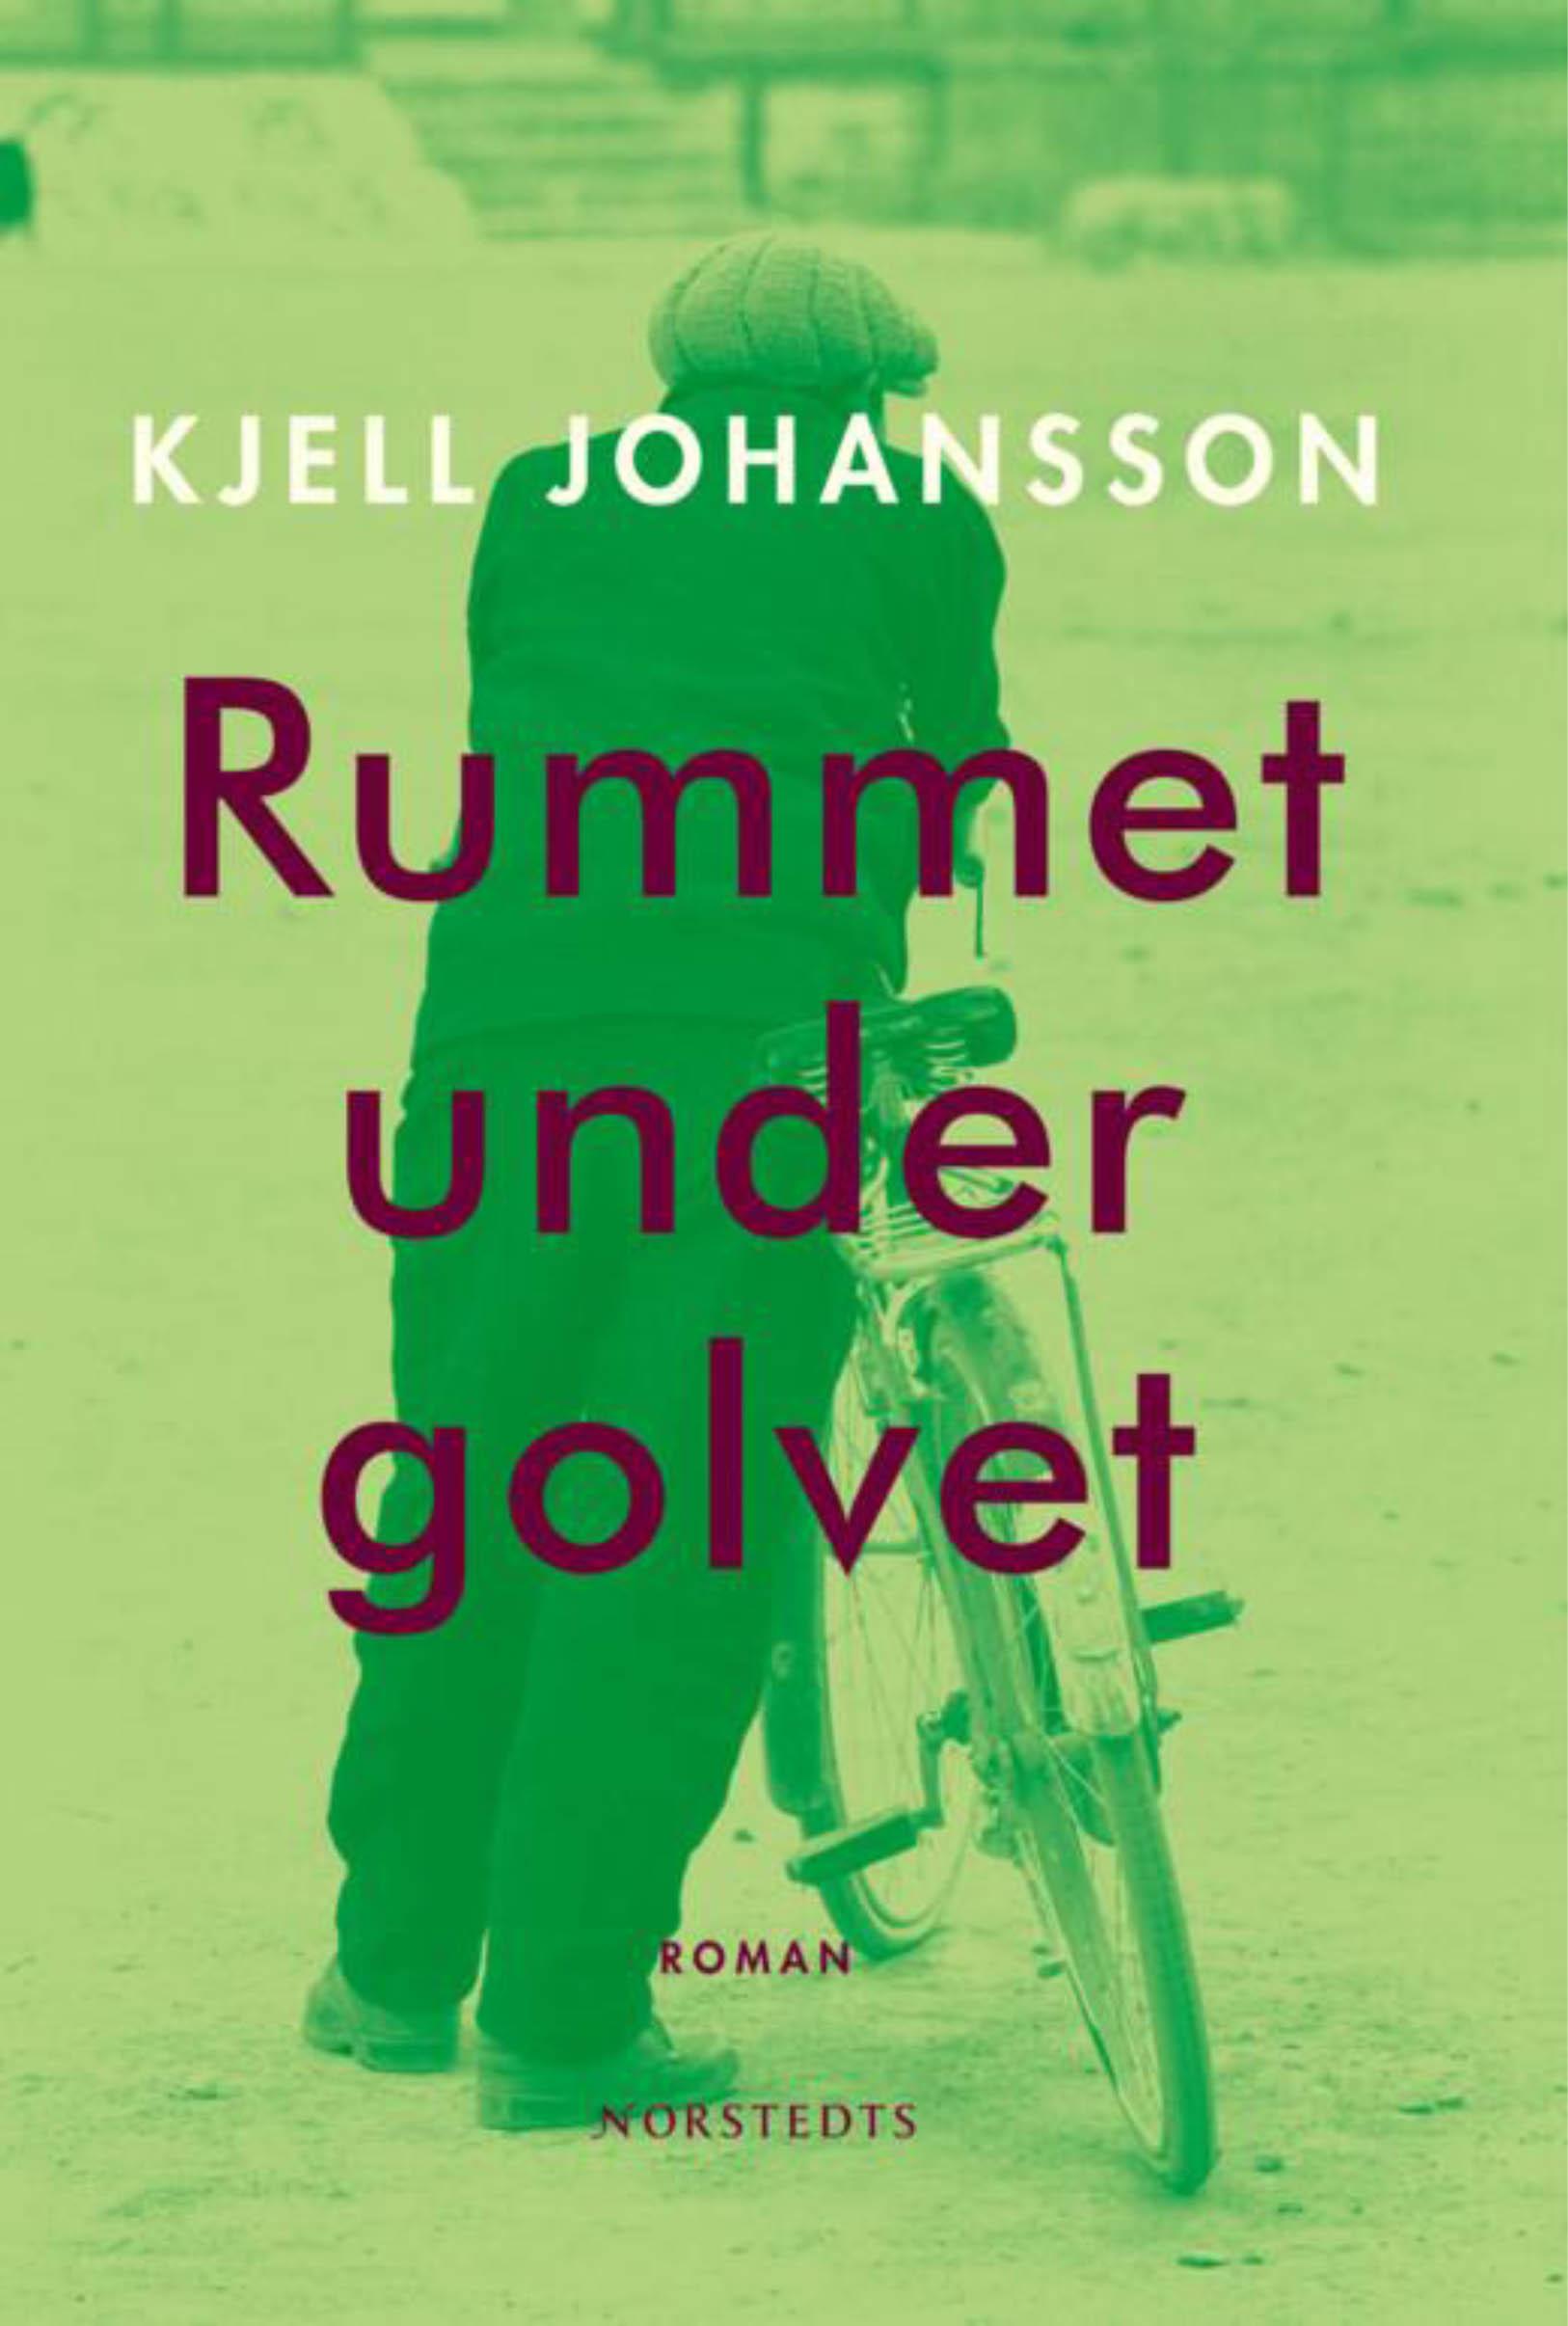 Kjell Johansson Rummet